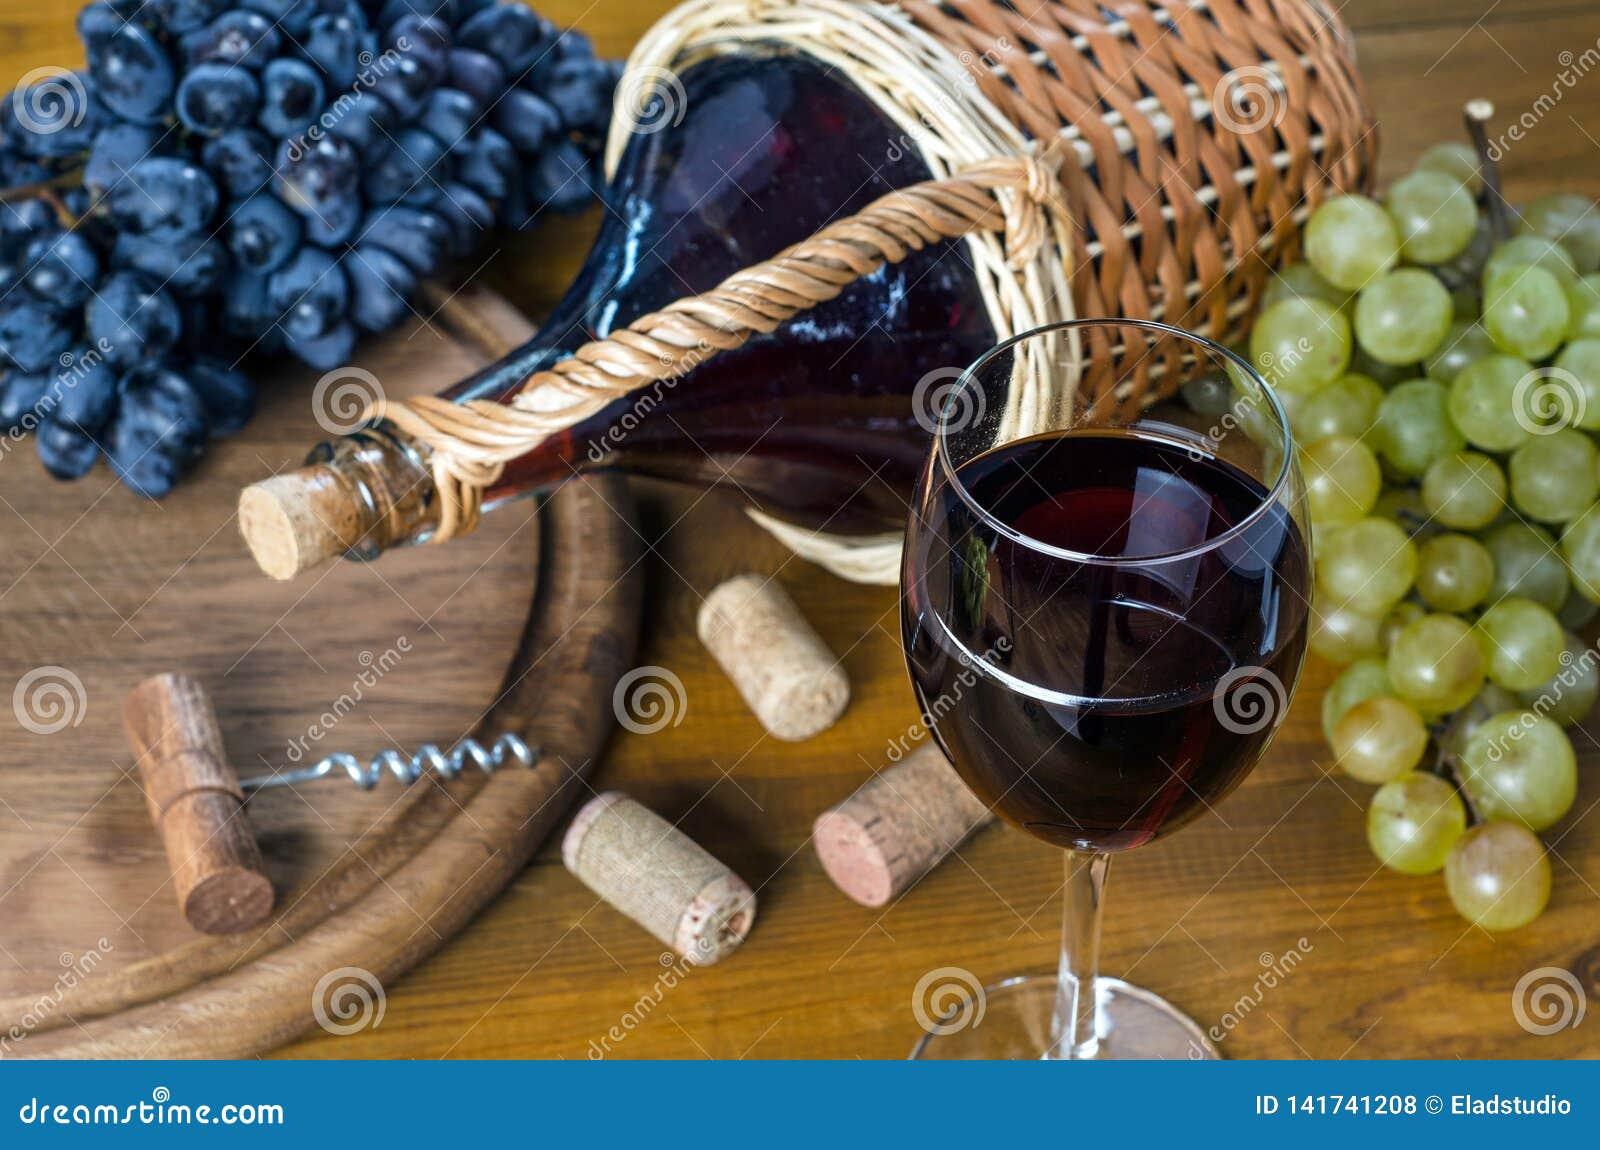 Flasche und Glas mit Rotwein, Weintrauben und Korkenzieher